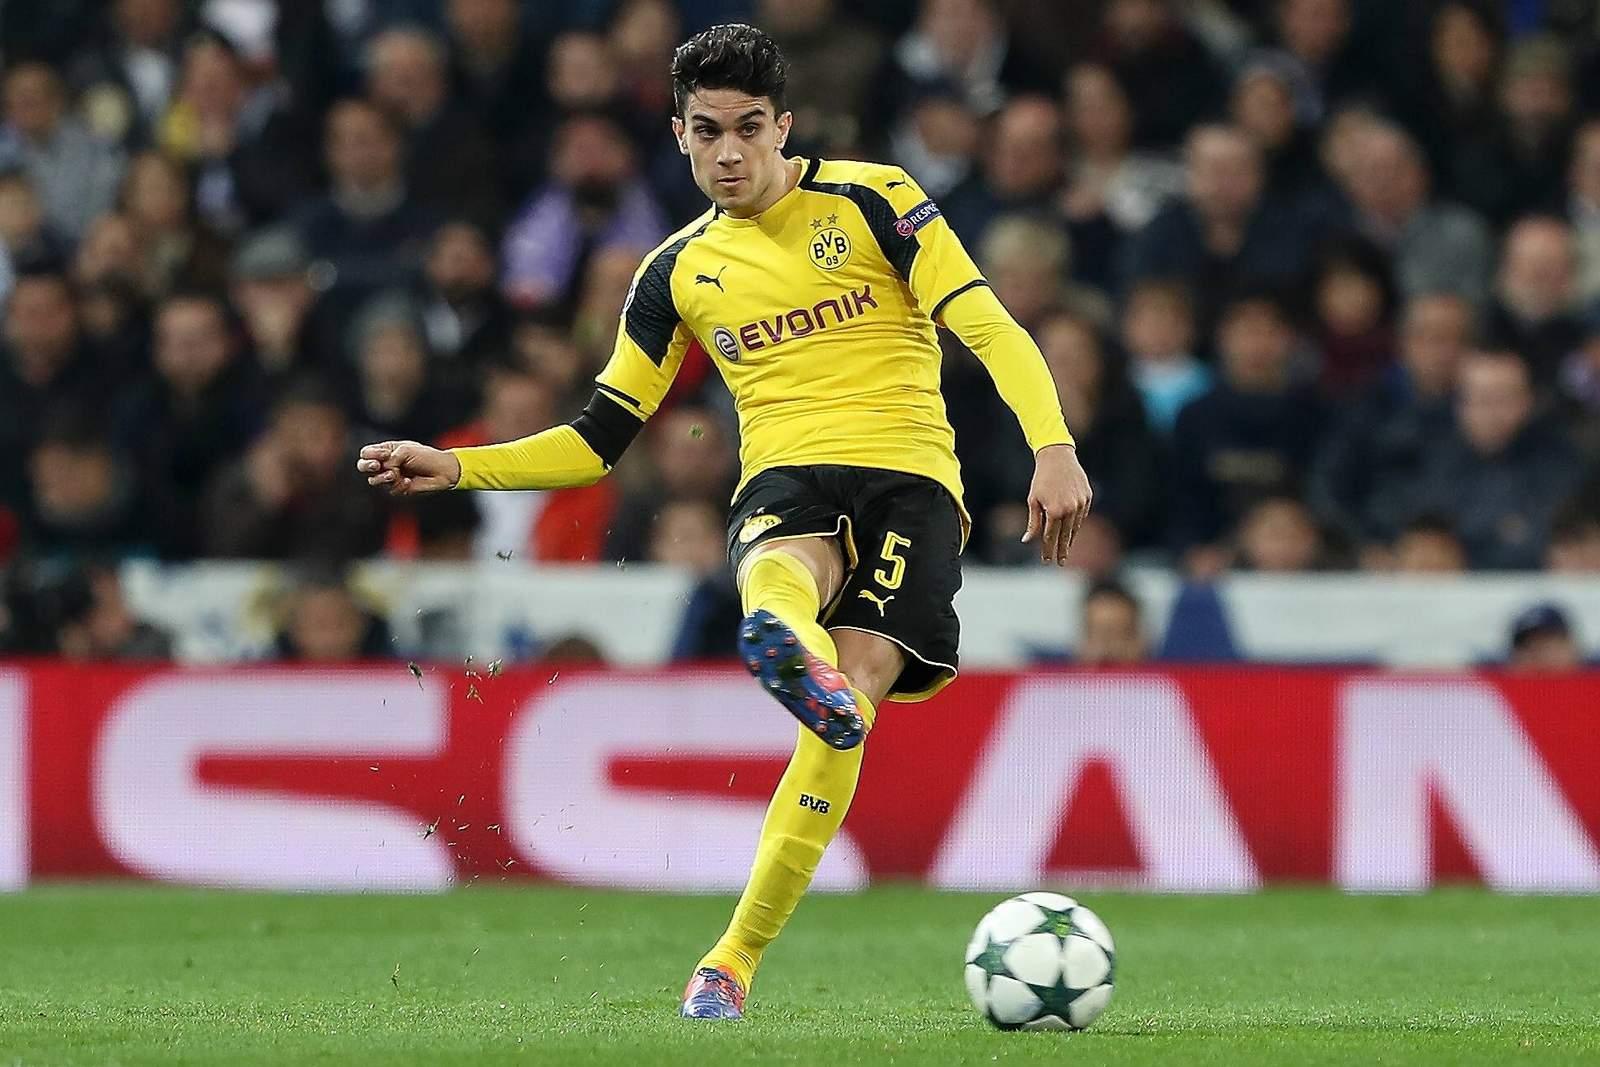 Trifft Bartra diesmal? Jetzt auf BVB Dortmund gegen Monaco wetten